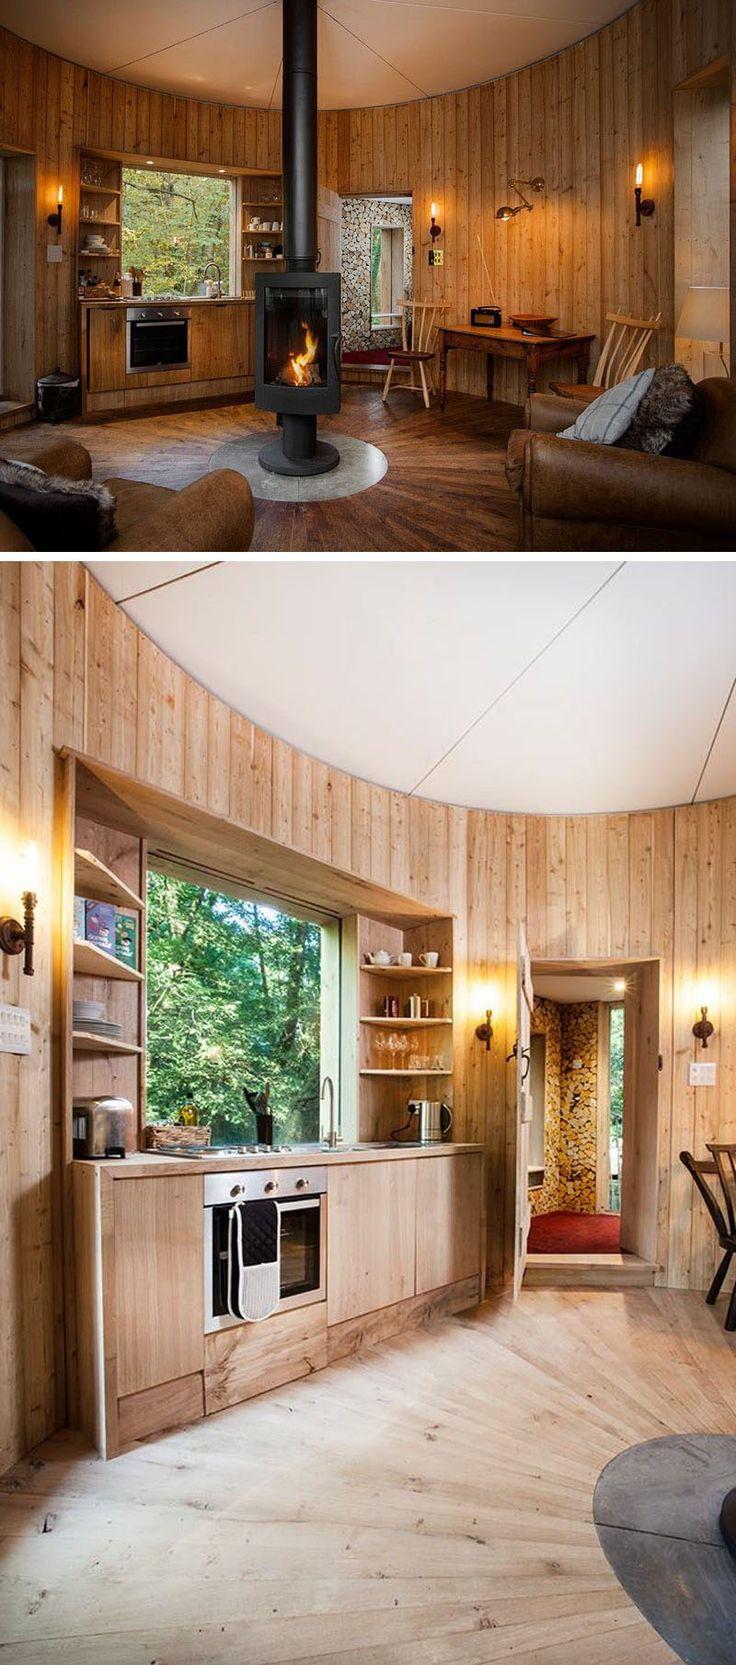 Dieses moderne Baumhaus verfügt über einen Wohnbereich mit zentralem Kamin, bequemen Sitzgelegenheiten und eine Küche mit einem großen Fenster.